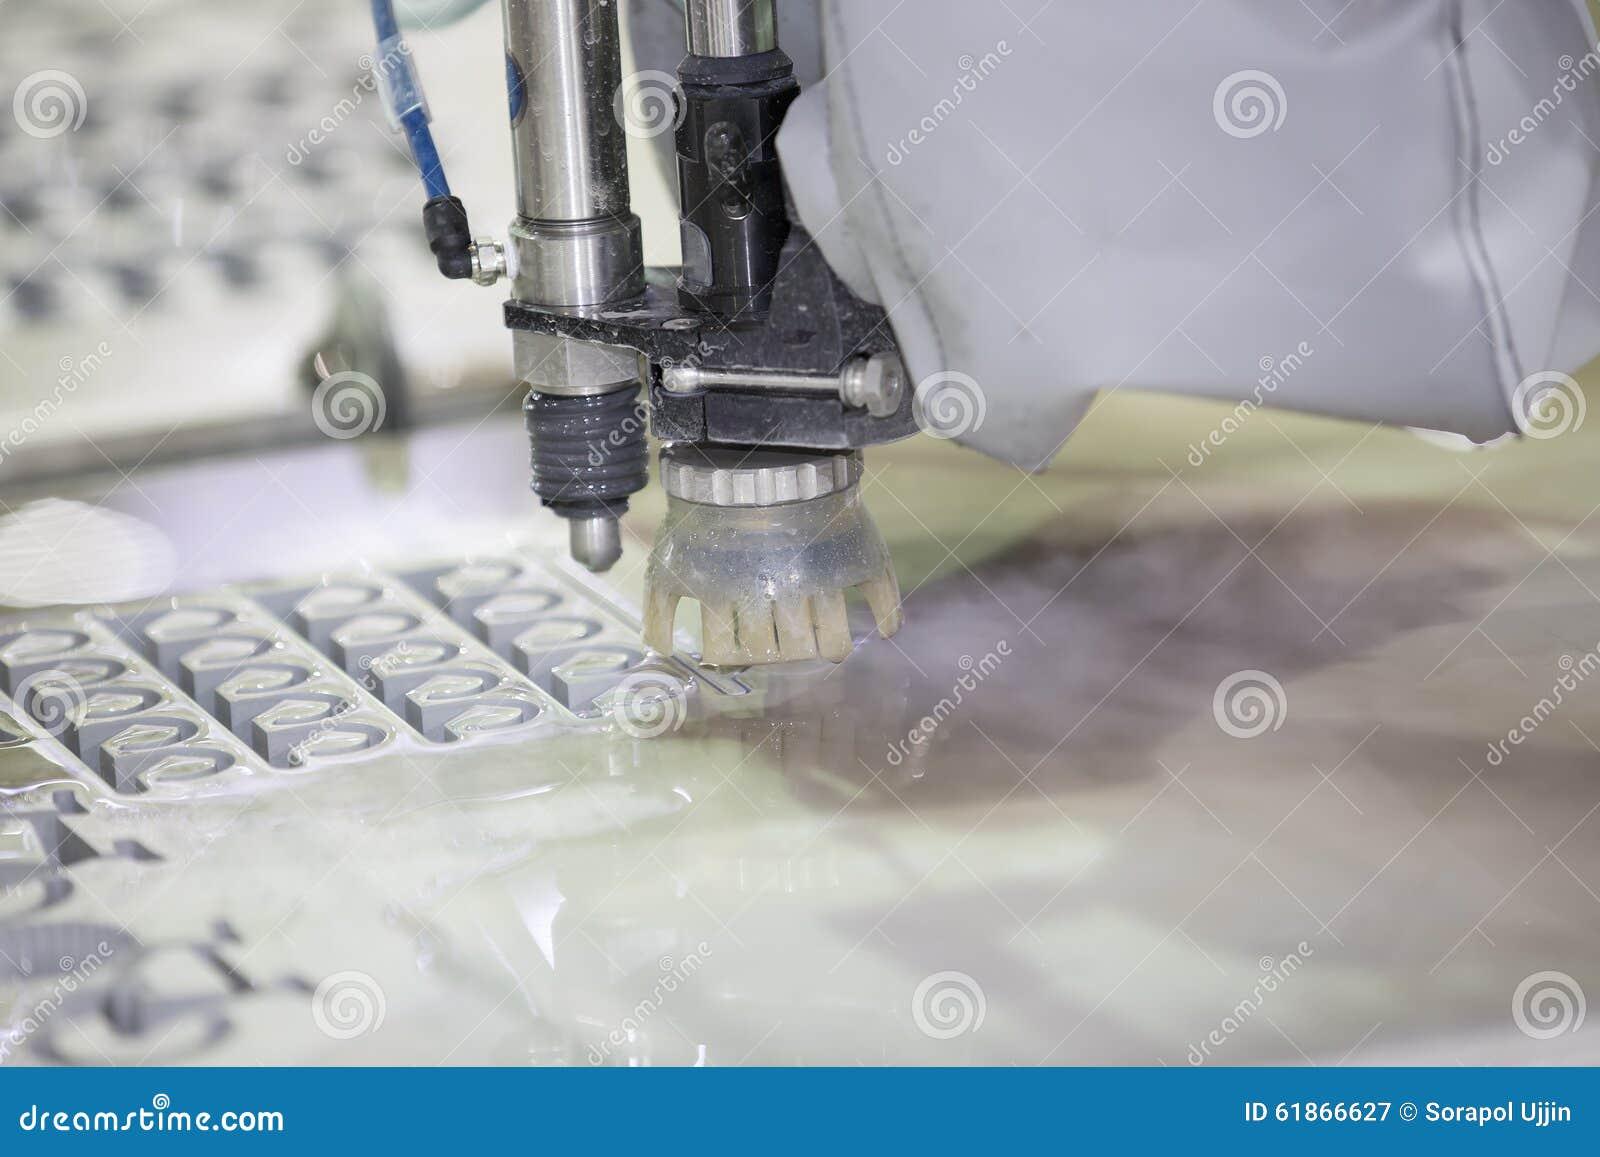 Waterjet Metal Cutting By Cnc Program Stock Image Image